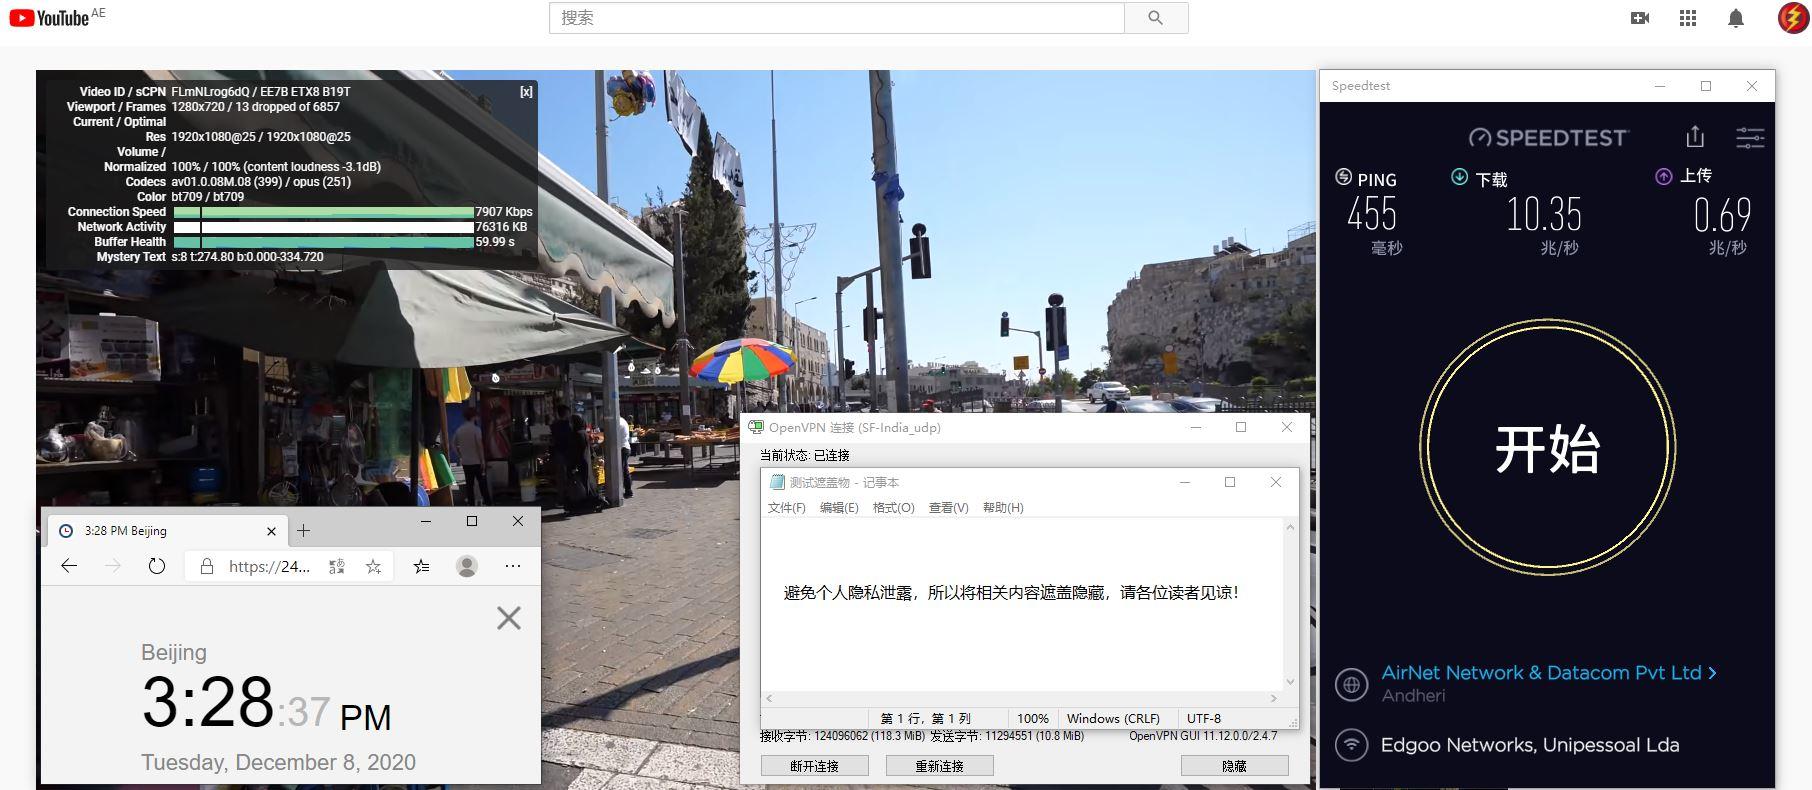 Windows10 SurfsharkVPN OpenVPN Gui India-2 服务器 中国VPN 翻墙 科学上网 测试 - 20201208